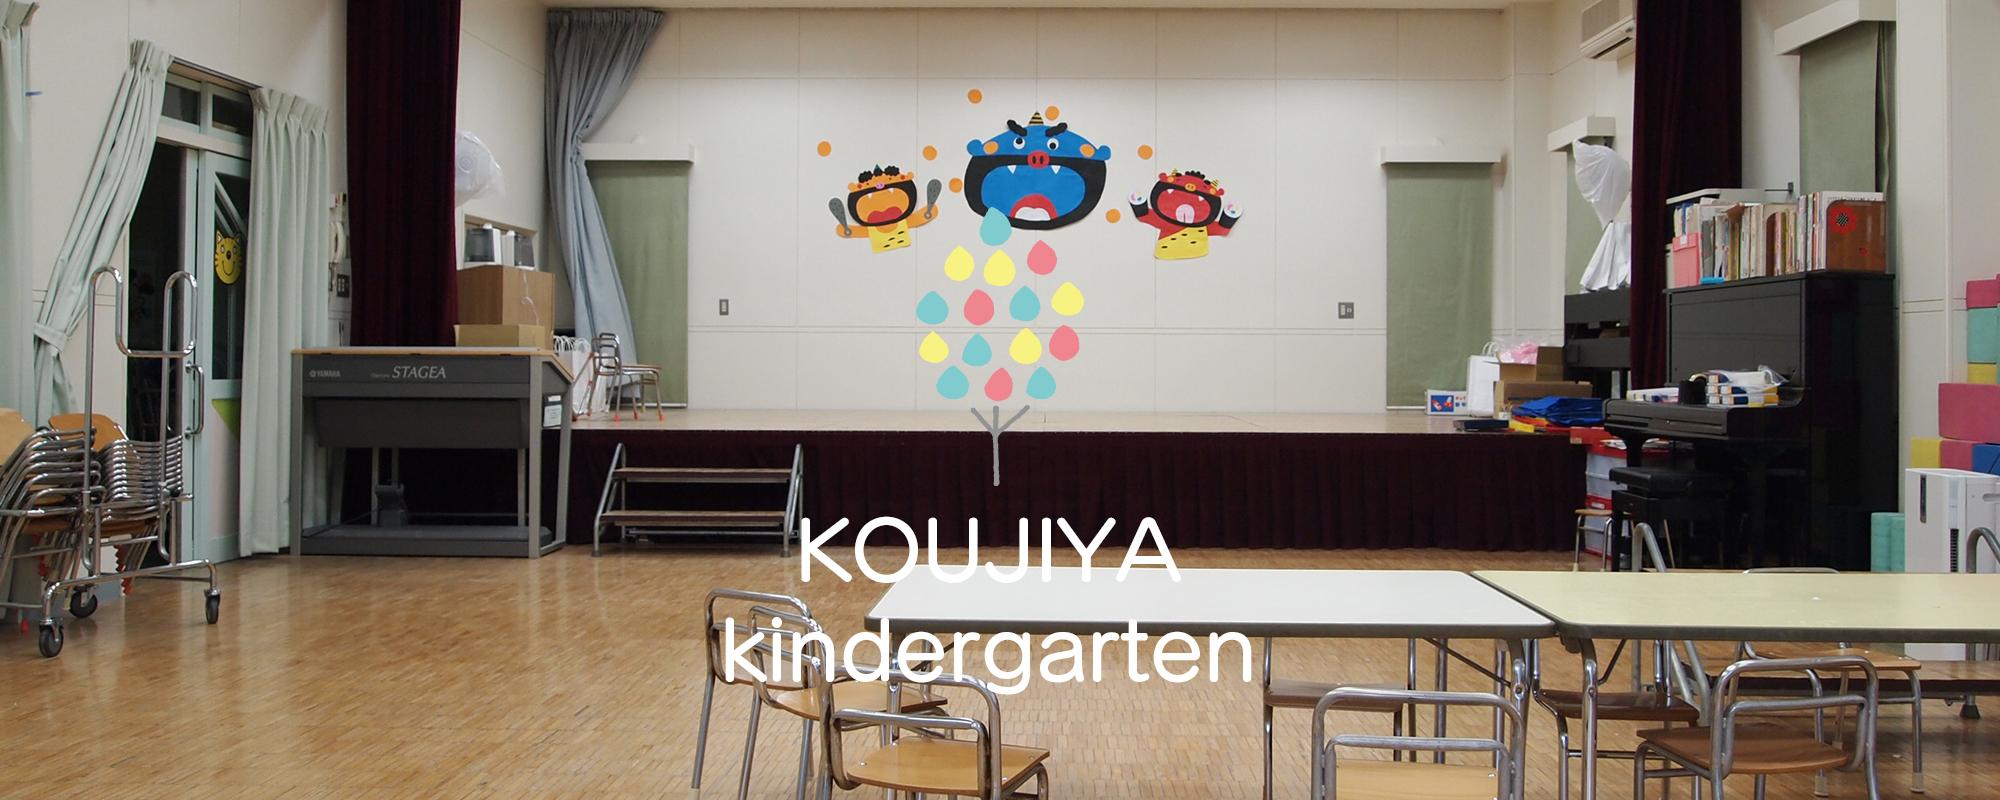 KOUJIYA kindergarten